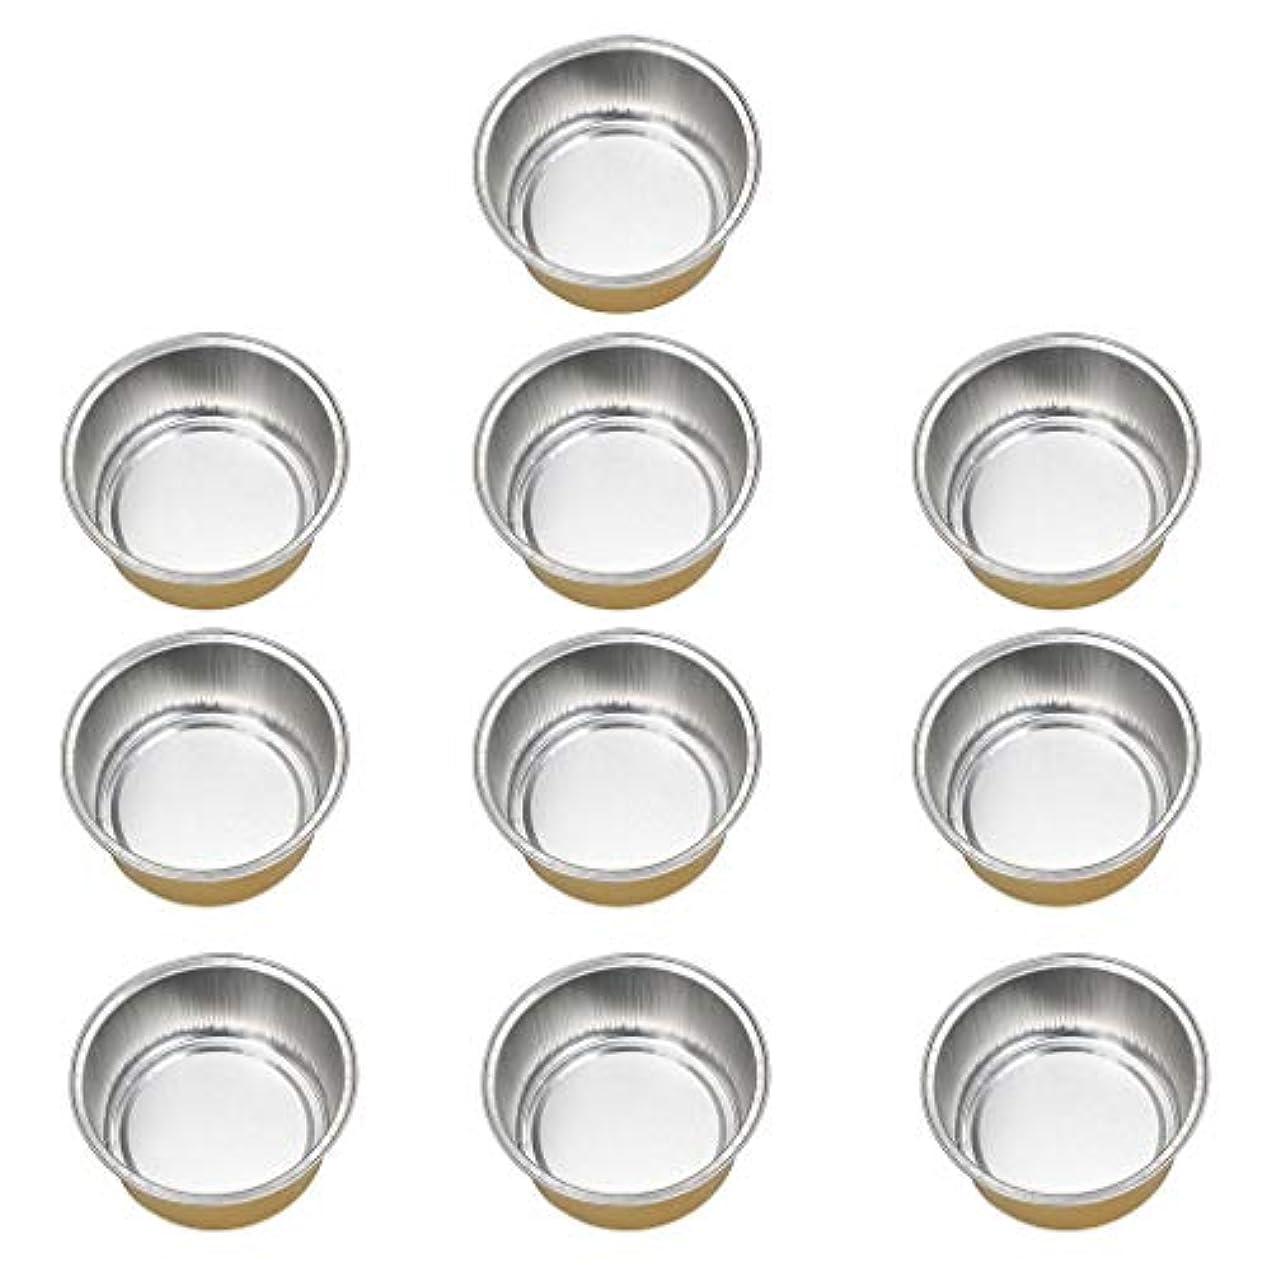 固体アラビア語思いつくFLAMEER 10個 ワックスボウル ミニボウル アルミホイルボウル ワックス豆体 溶融 衛生的 2種選ぶ - ゴールデン2, 02